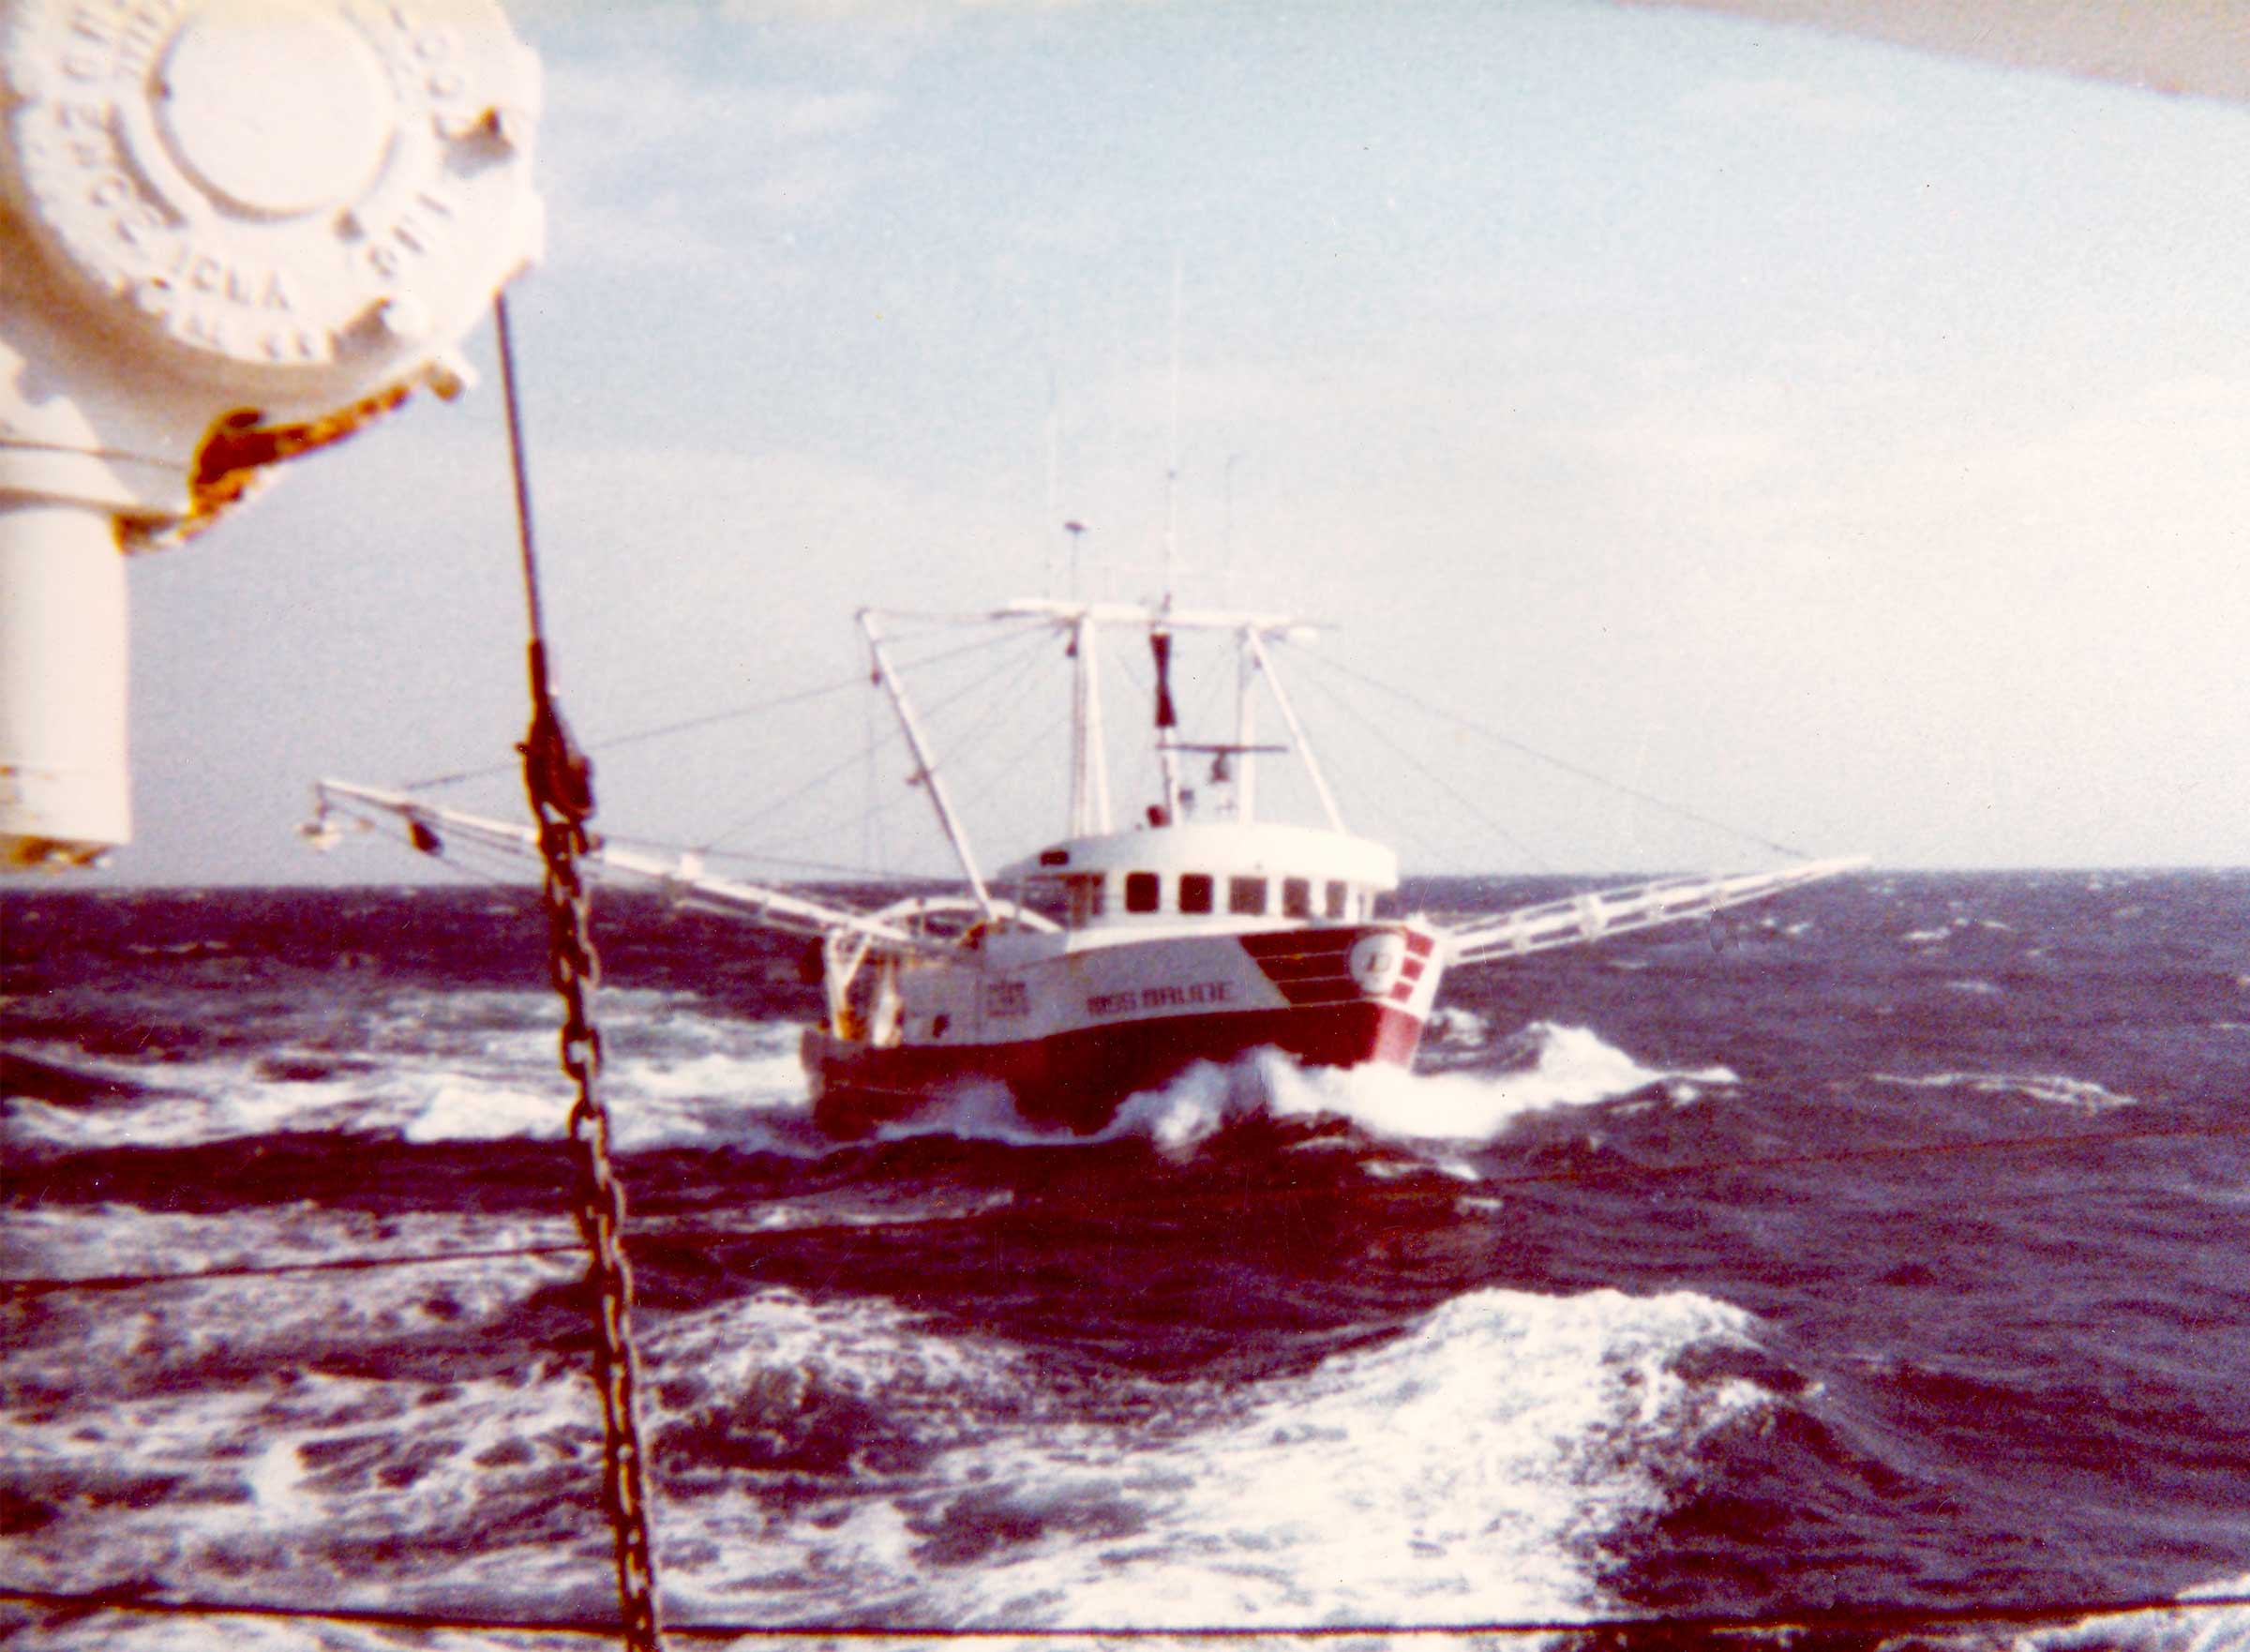 Miss Maude in seas